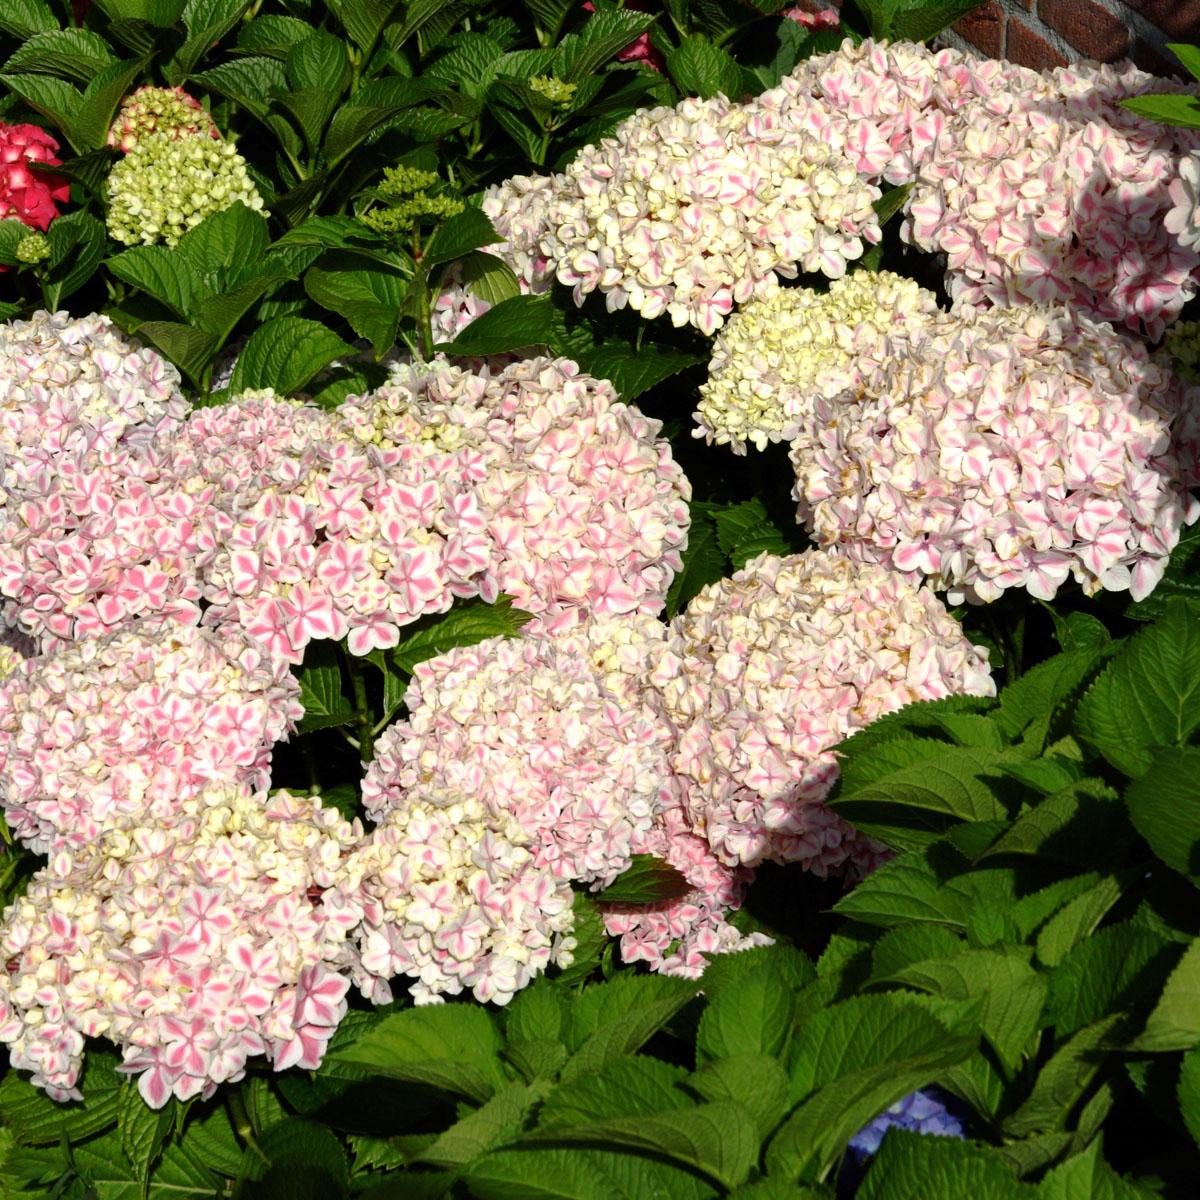 planter hortensia stunning photo hd ds le mois de juin lhortensia se garnit de fleurs quil. Black Bedroom Furniture Sets. Home Design Ideas